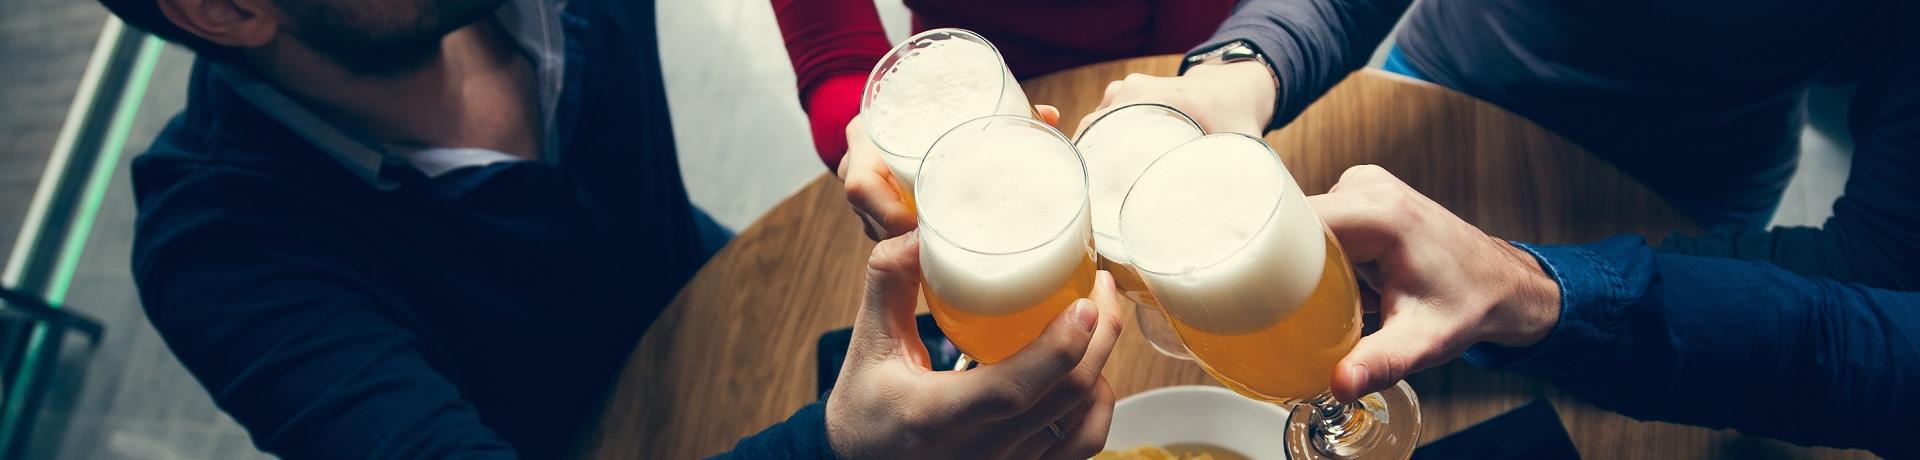 Sonstiges: Bier - Emotion